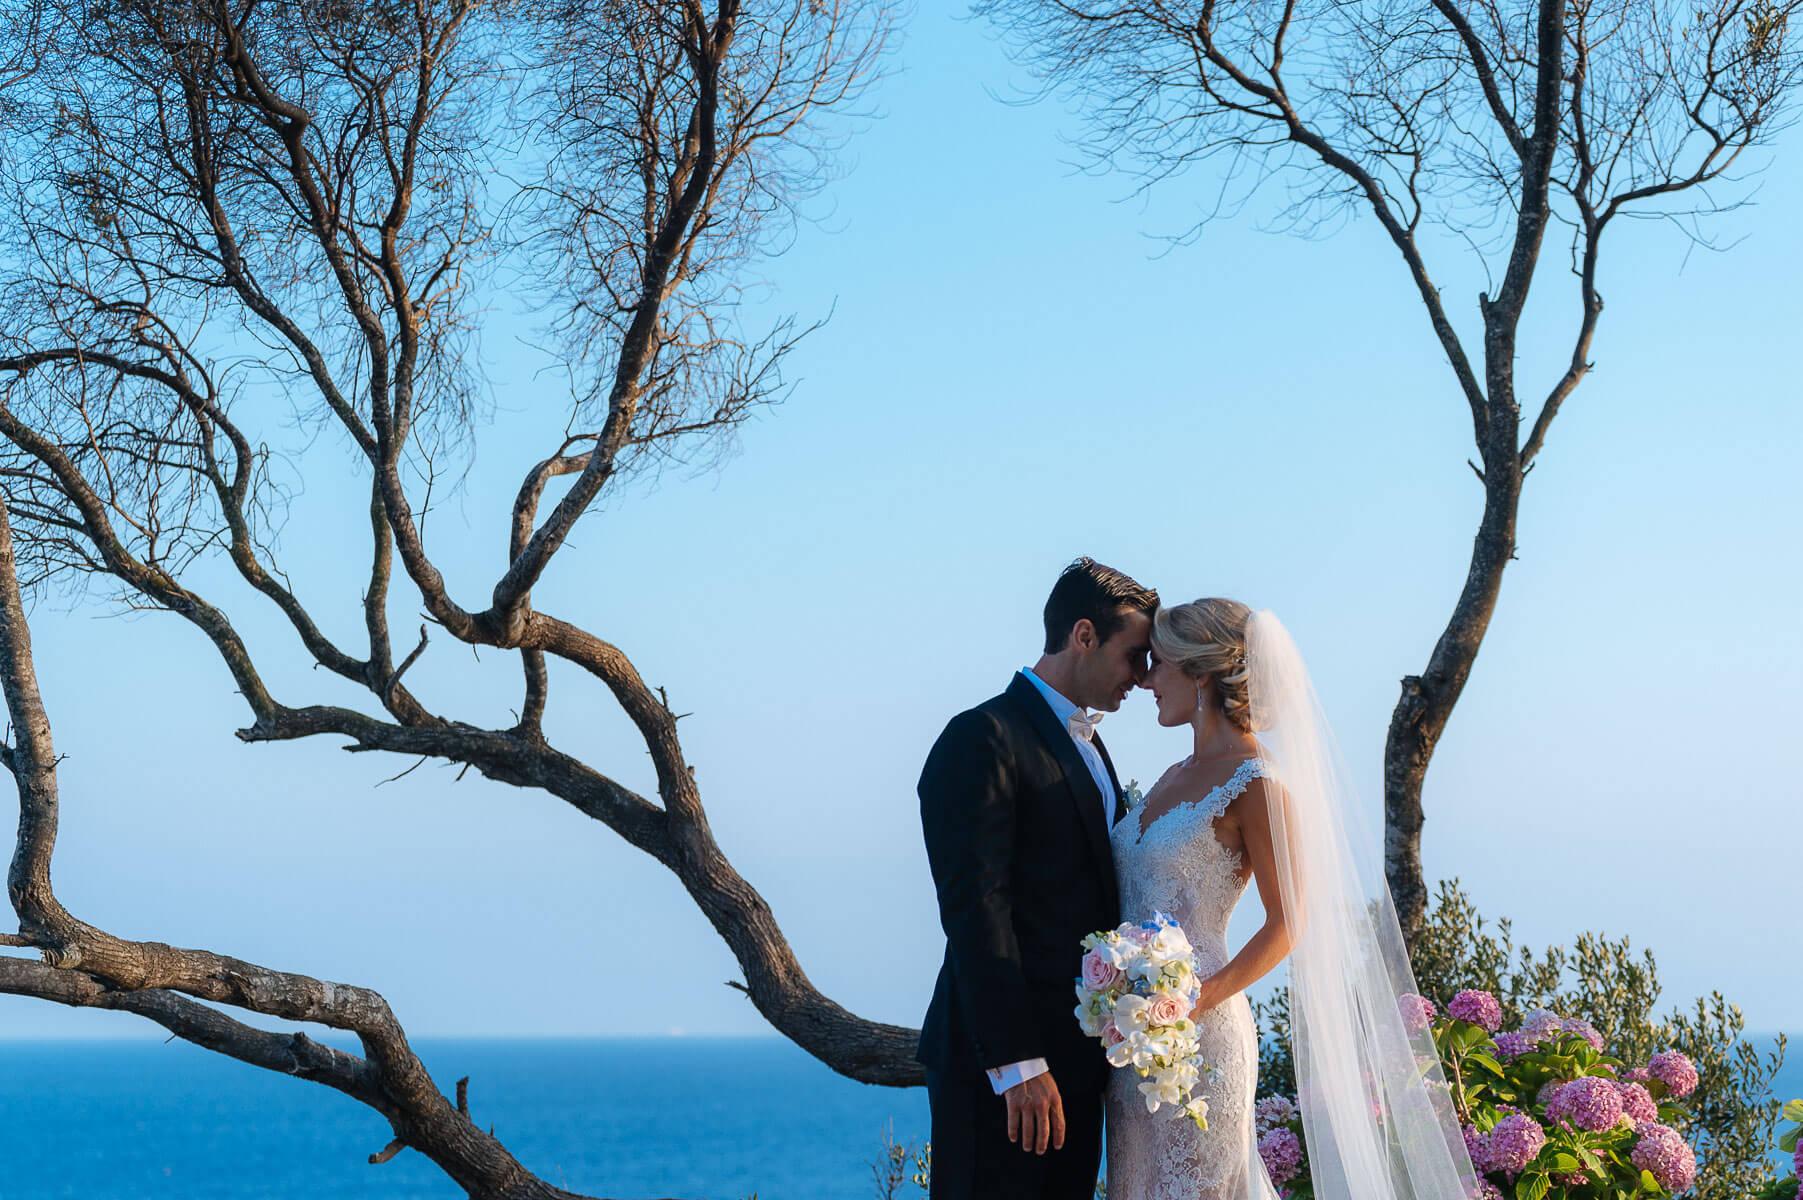 Boda Michelle & Bradley | Manel Tamayo wedding photographer